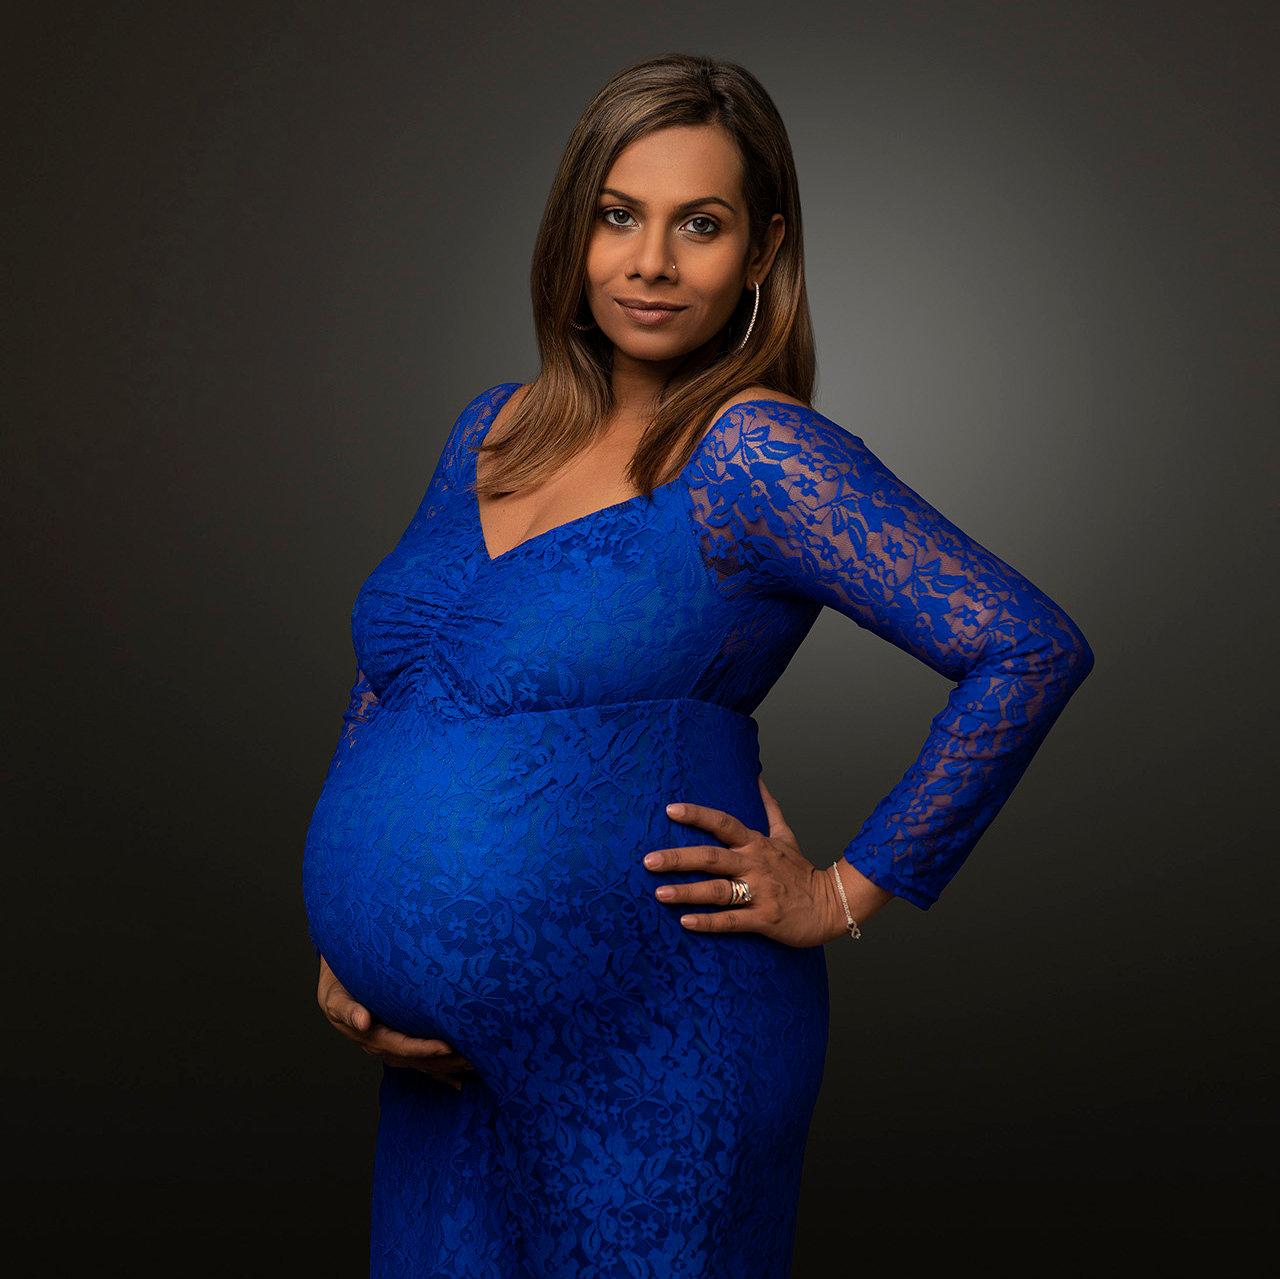 Studio Maternity Full Session